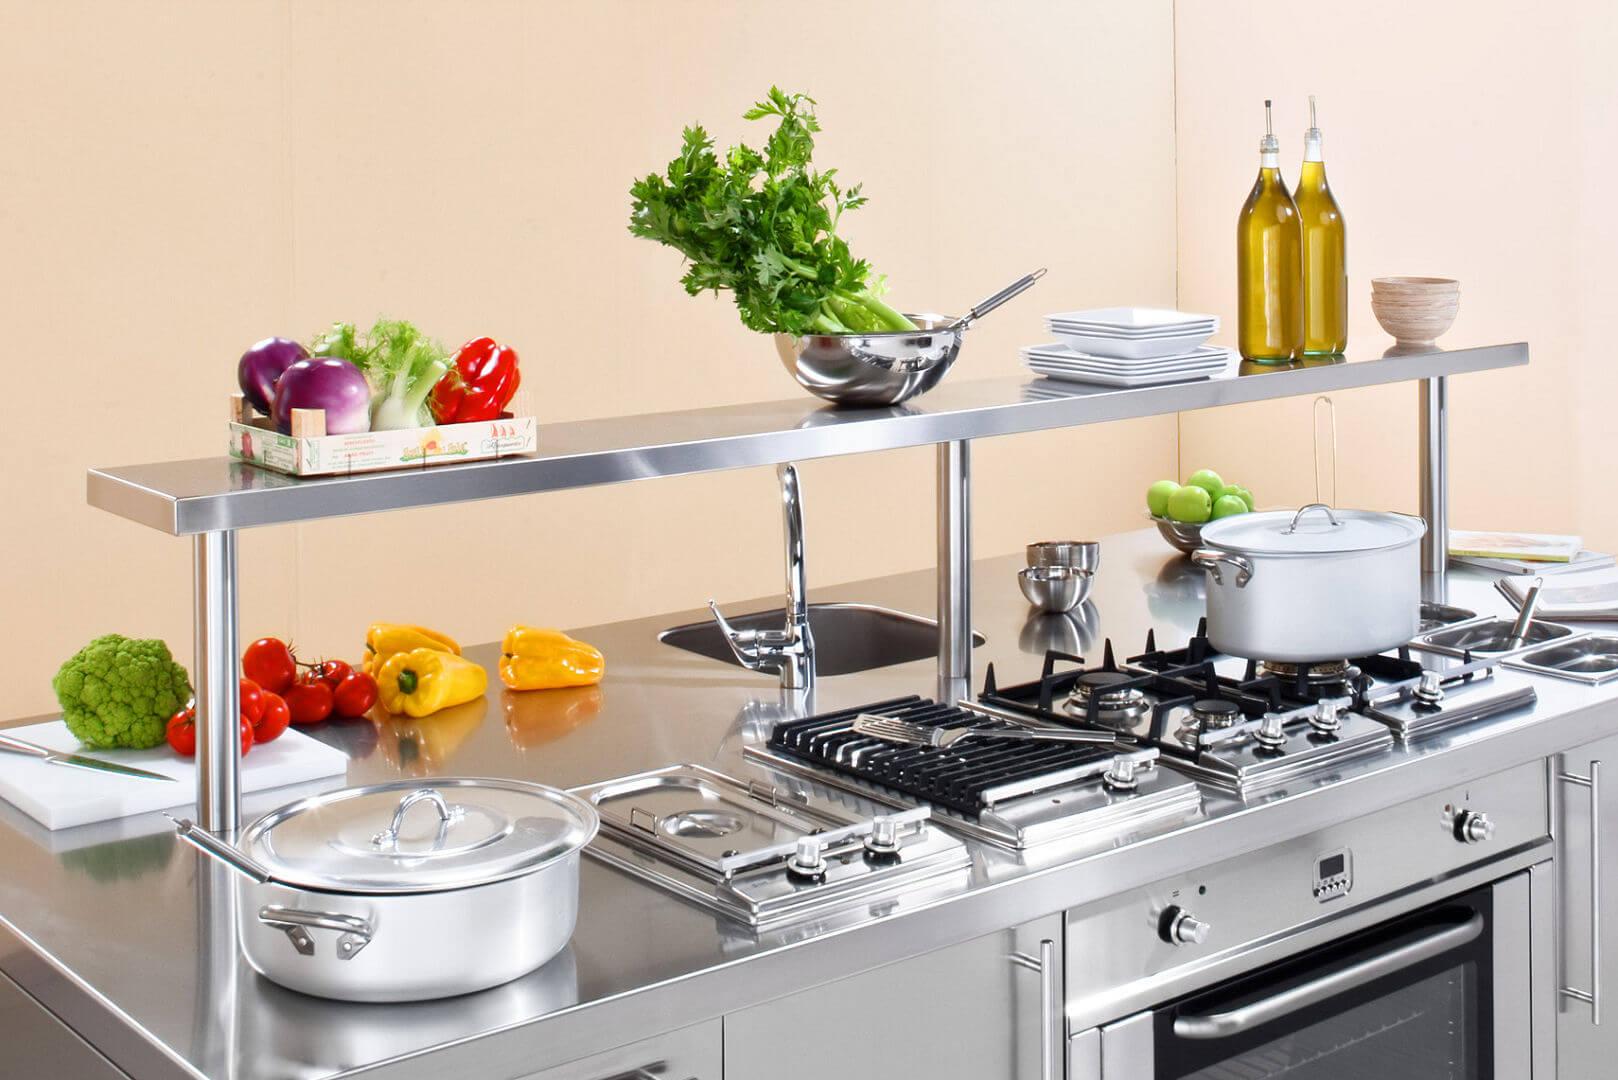 Arca Cucine Italia - Cucine Domestiche Acciaio Inox - Workstation - Ripiano di Appoggio